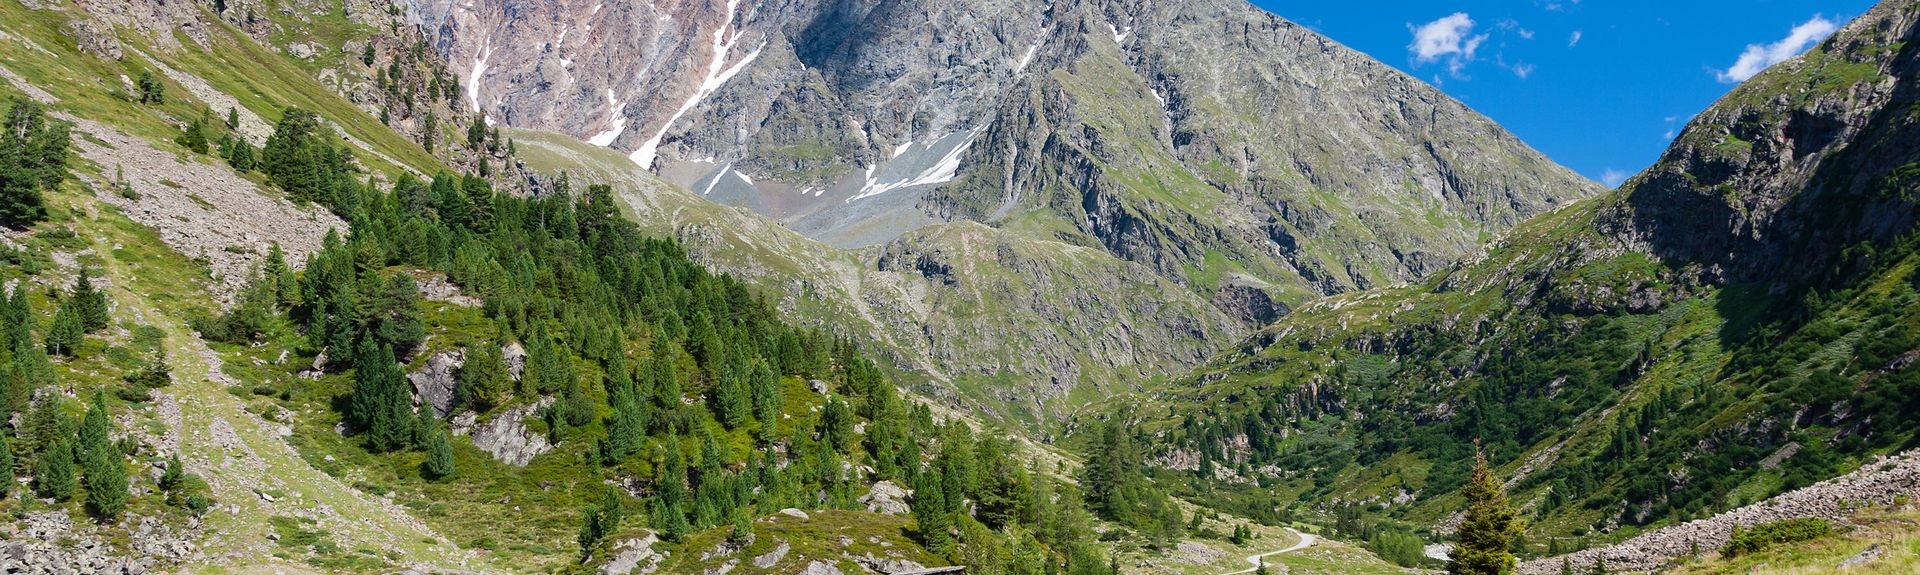 Ötztal, Längenfeld, Tiroli, Itävalta